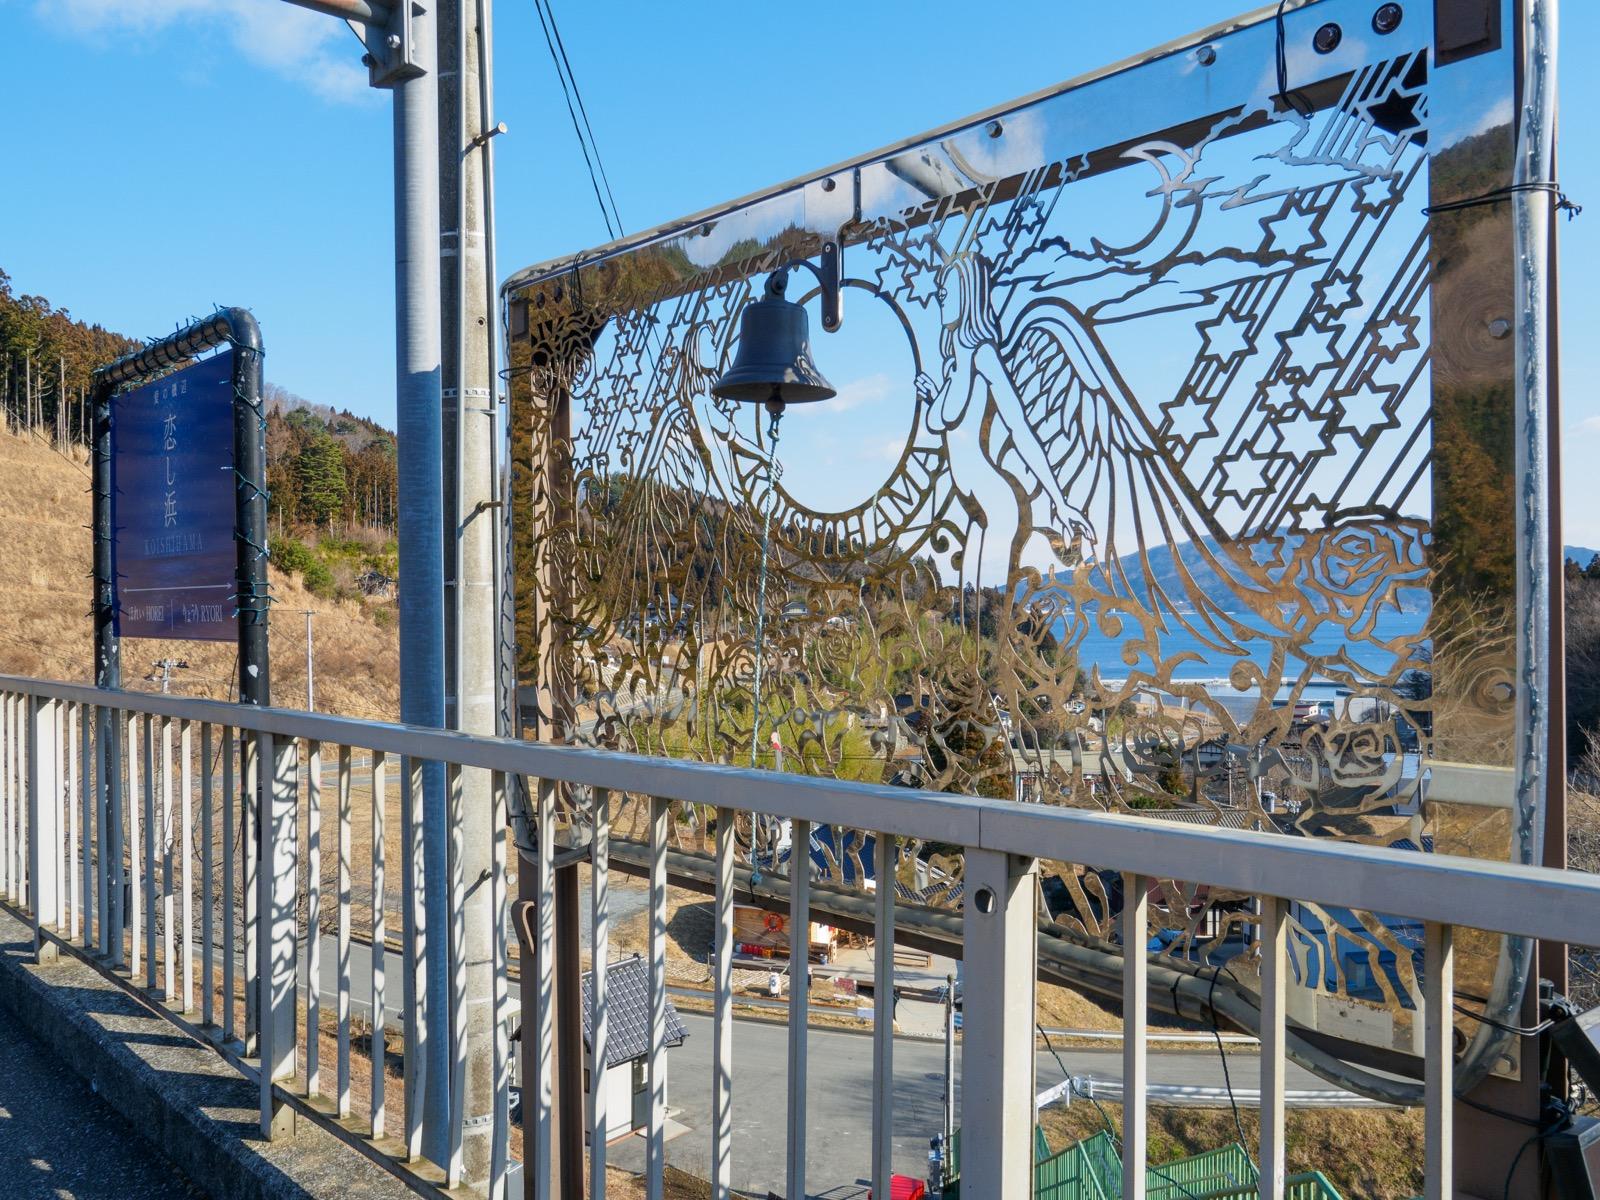 恋し浜駅のホームにある鐘(2016年2月)